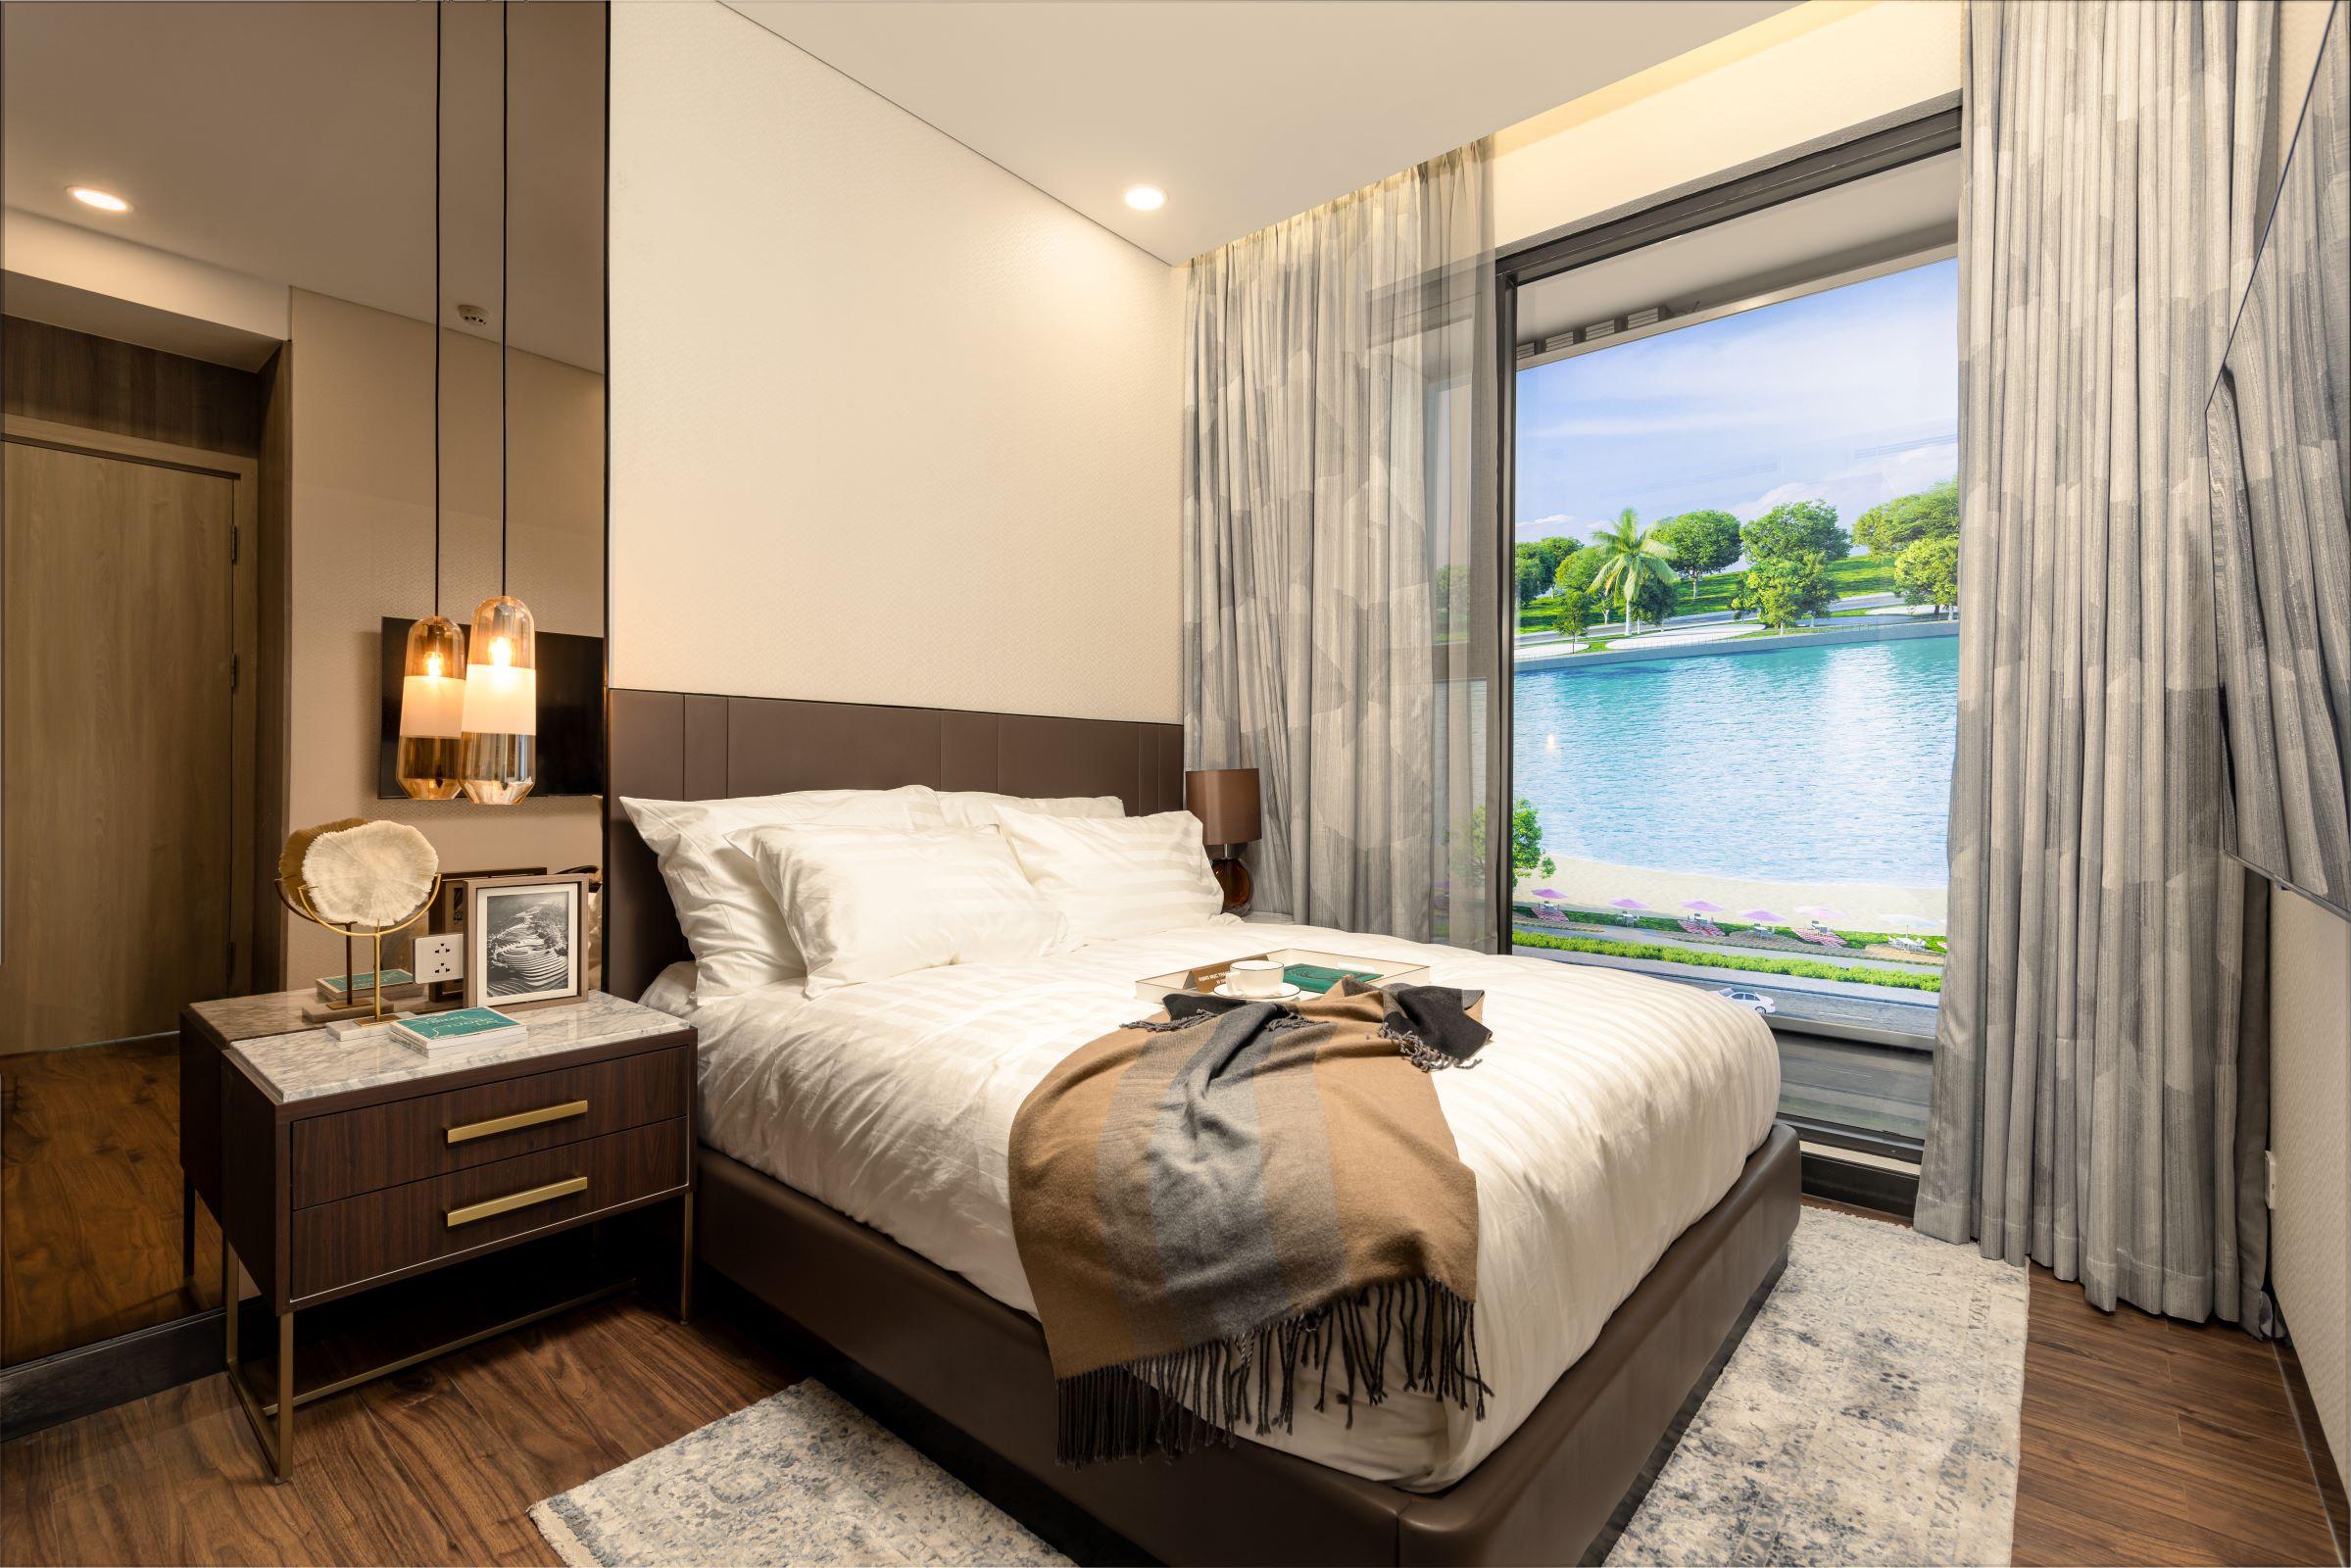 Phòng ngủ được Tange Associates - công ty thiết kế kiến trúc và đô thị hàng đầu Nhật Bản thiết kế với khung cửa kính panorama với tầm nhìn ra hồ cát trắng và công viên trung tâm, mang lại cảm giác thư thái mỗi ngày cho cư dân Masteri West Heights.